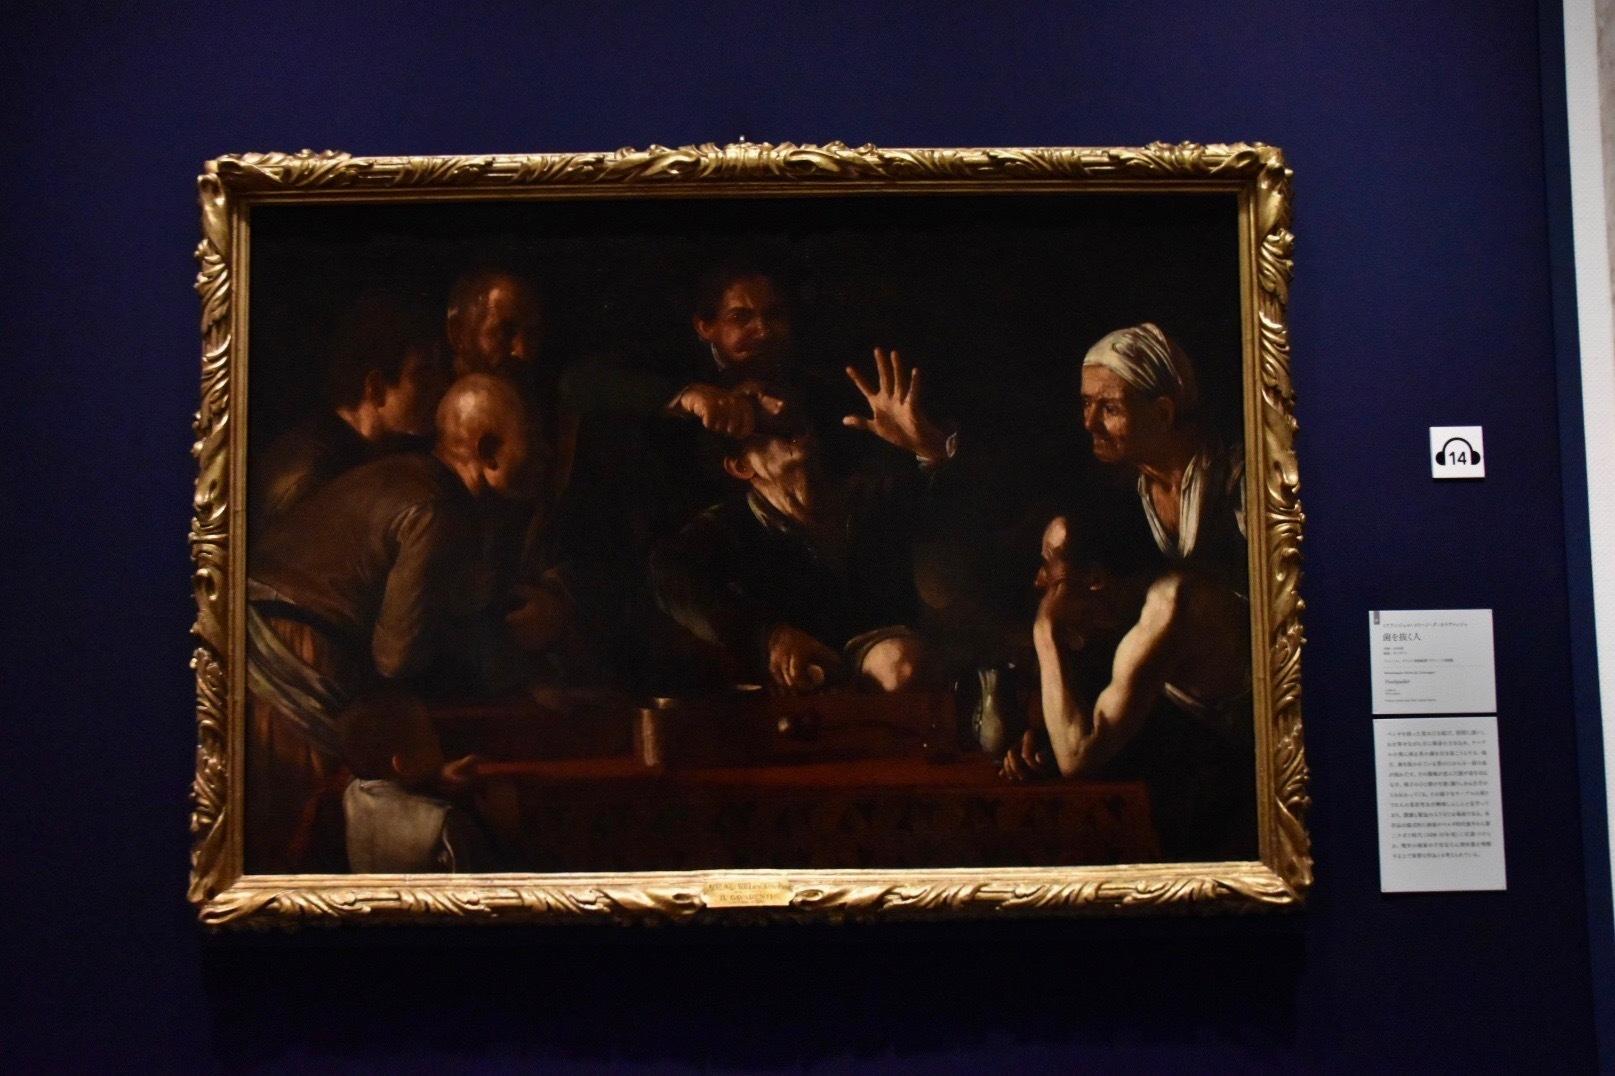 ミケランジェロ・メリージ・ダ・カラヴァッジョ《歯を抜く人》1608-10年頃(ウフィツィ美術館群パラティーナ美術館蔵)